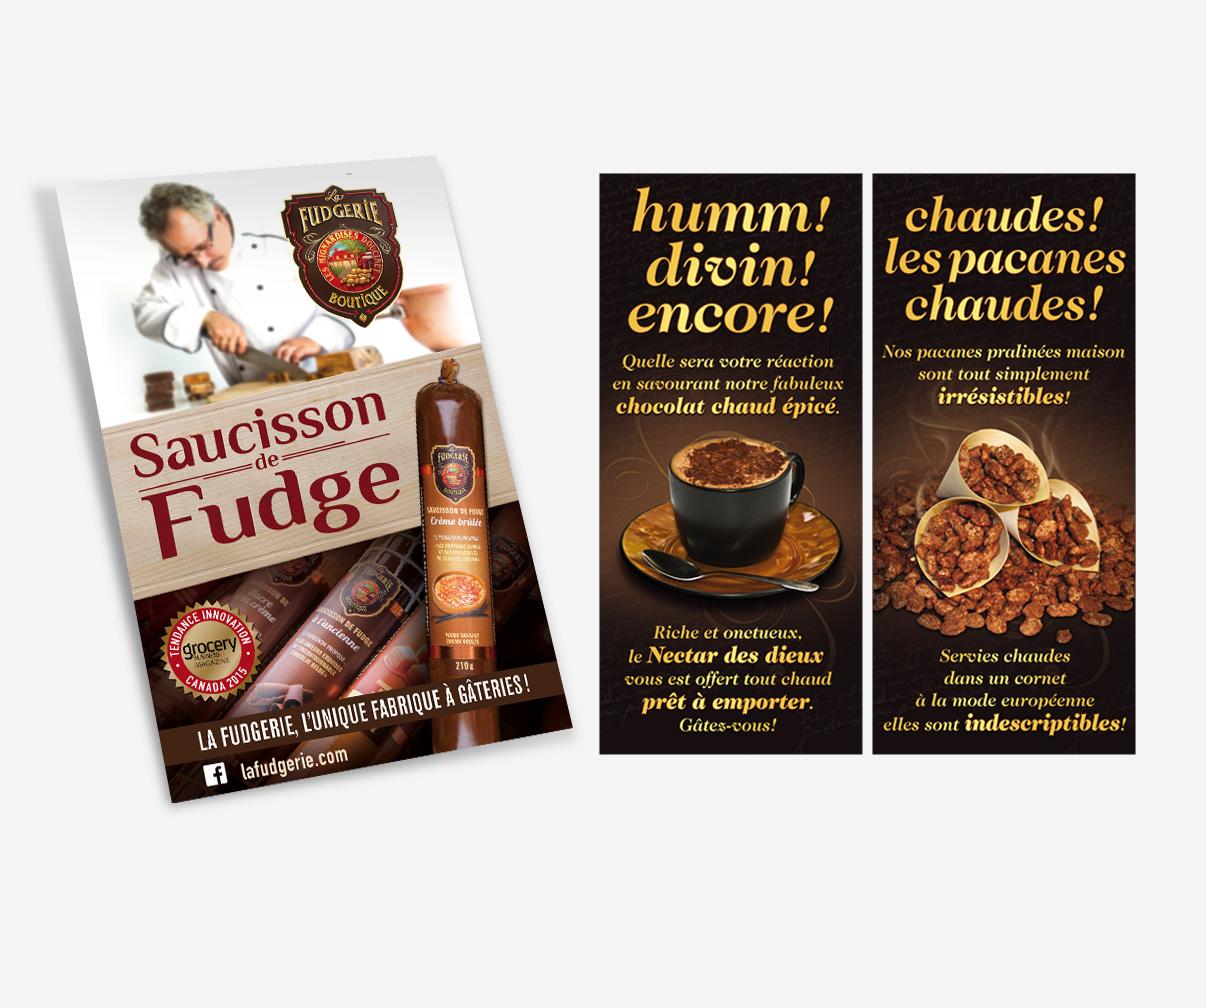 La Fudgerie - Publicités sur les lieux de vente